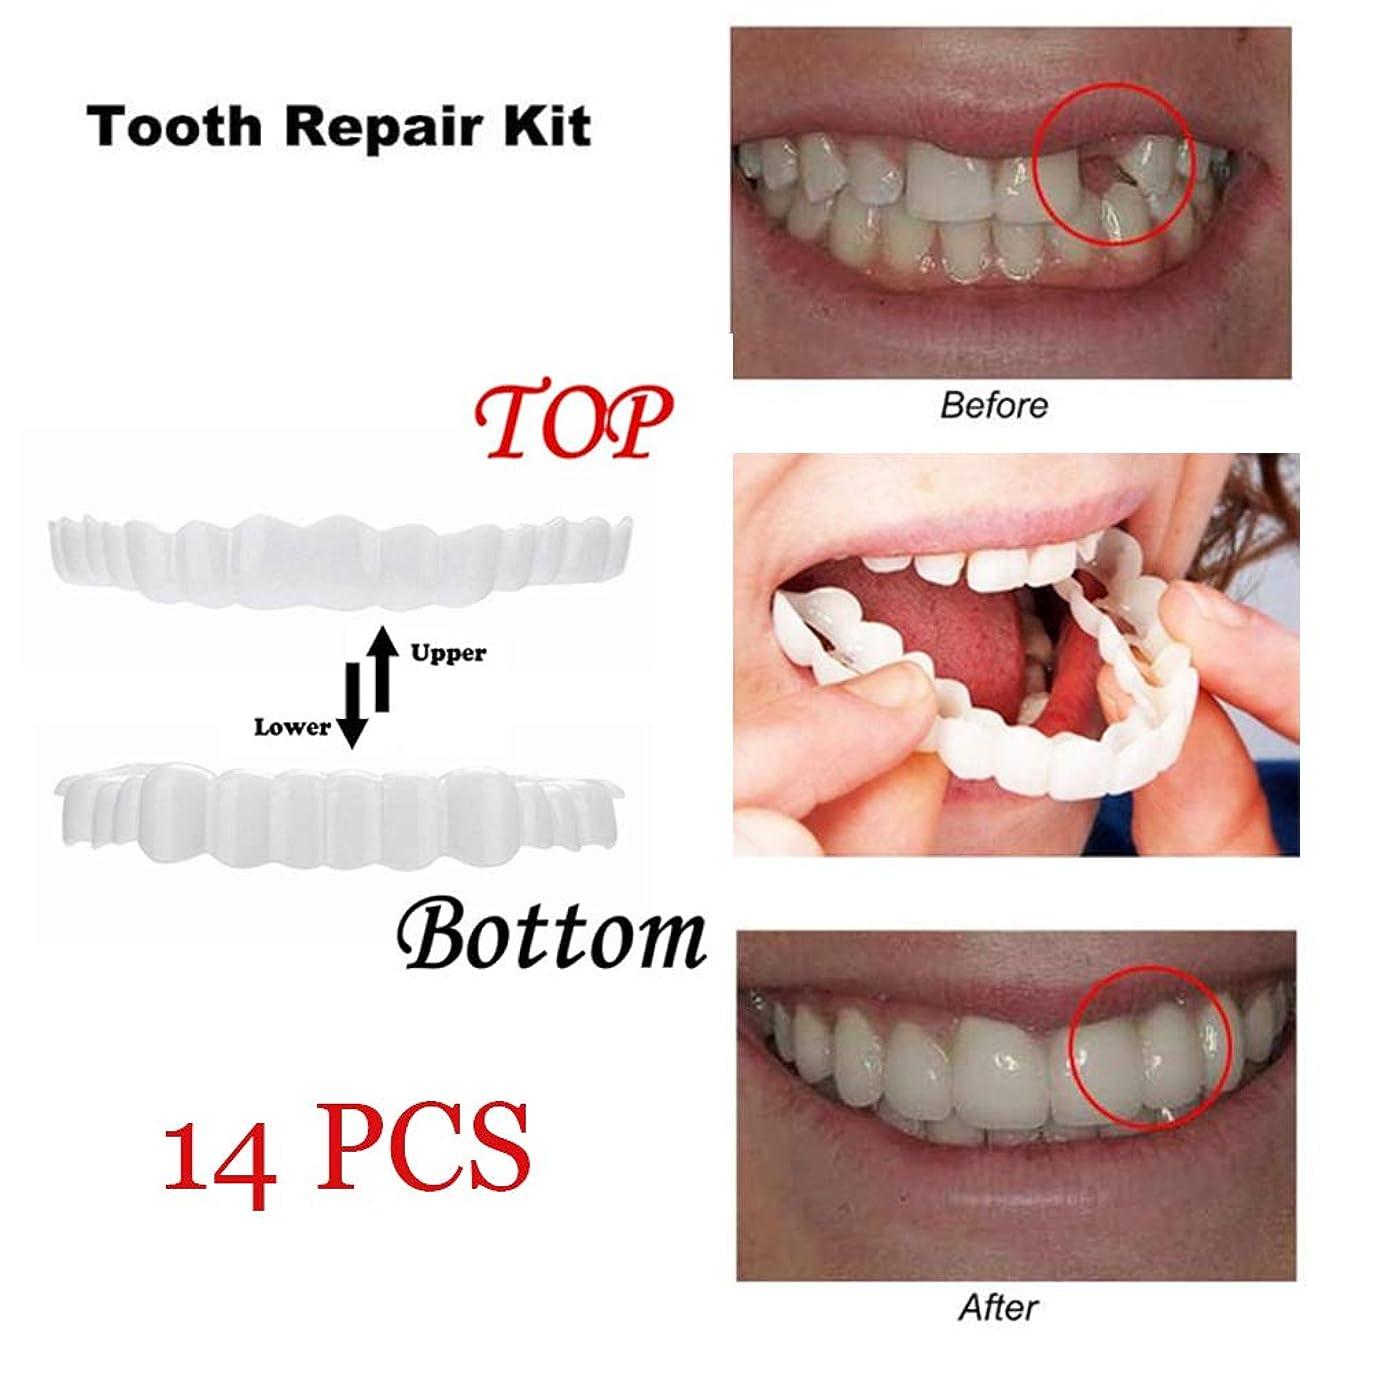 真夜中有利インシュレータ歯を一時的に白くする14 PCS歯の調整歯の快適さ歯科用義歯ケア歯科用化粧品サイズほとんどの人に適していますオーラルケア(上底)